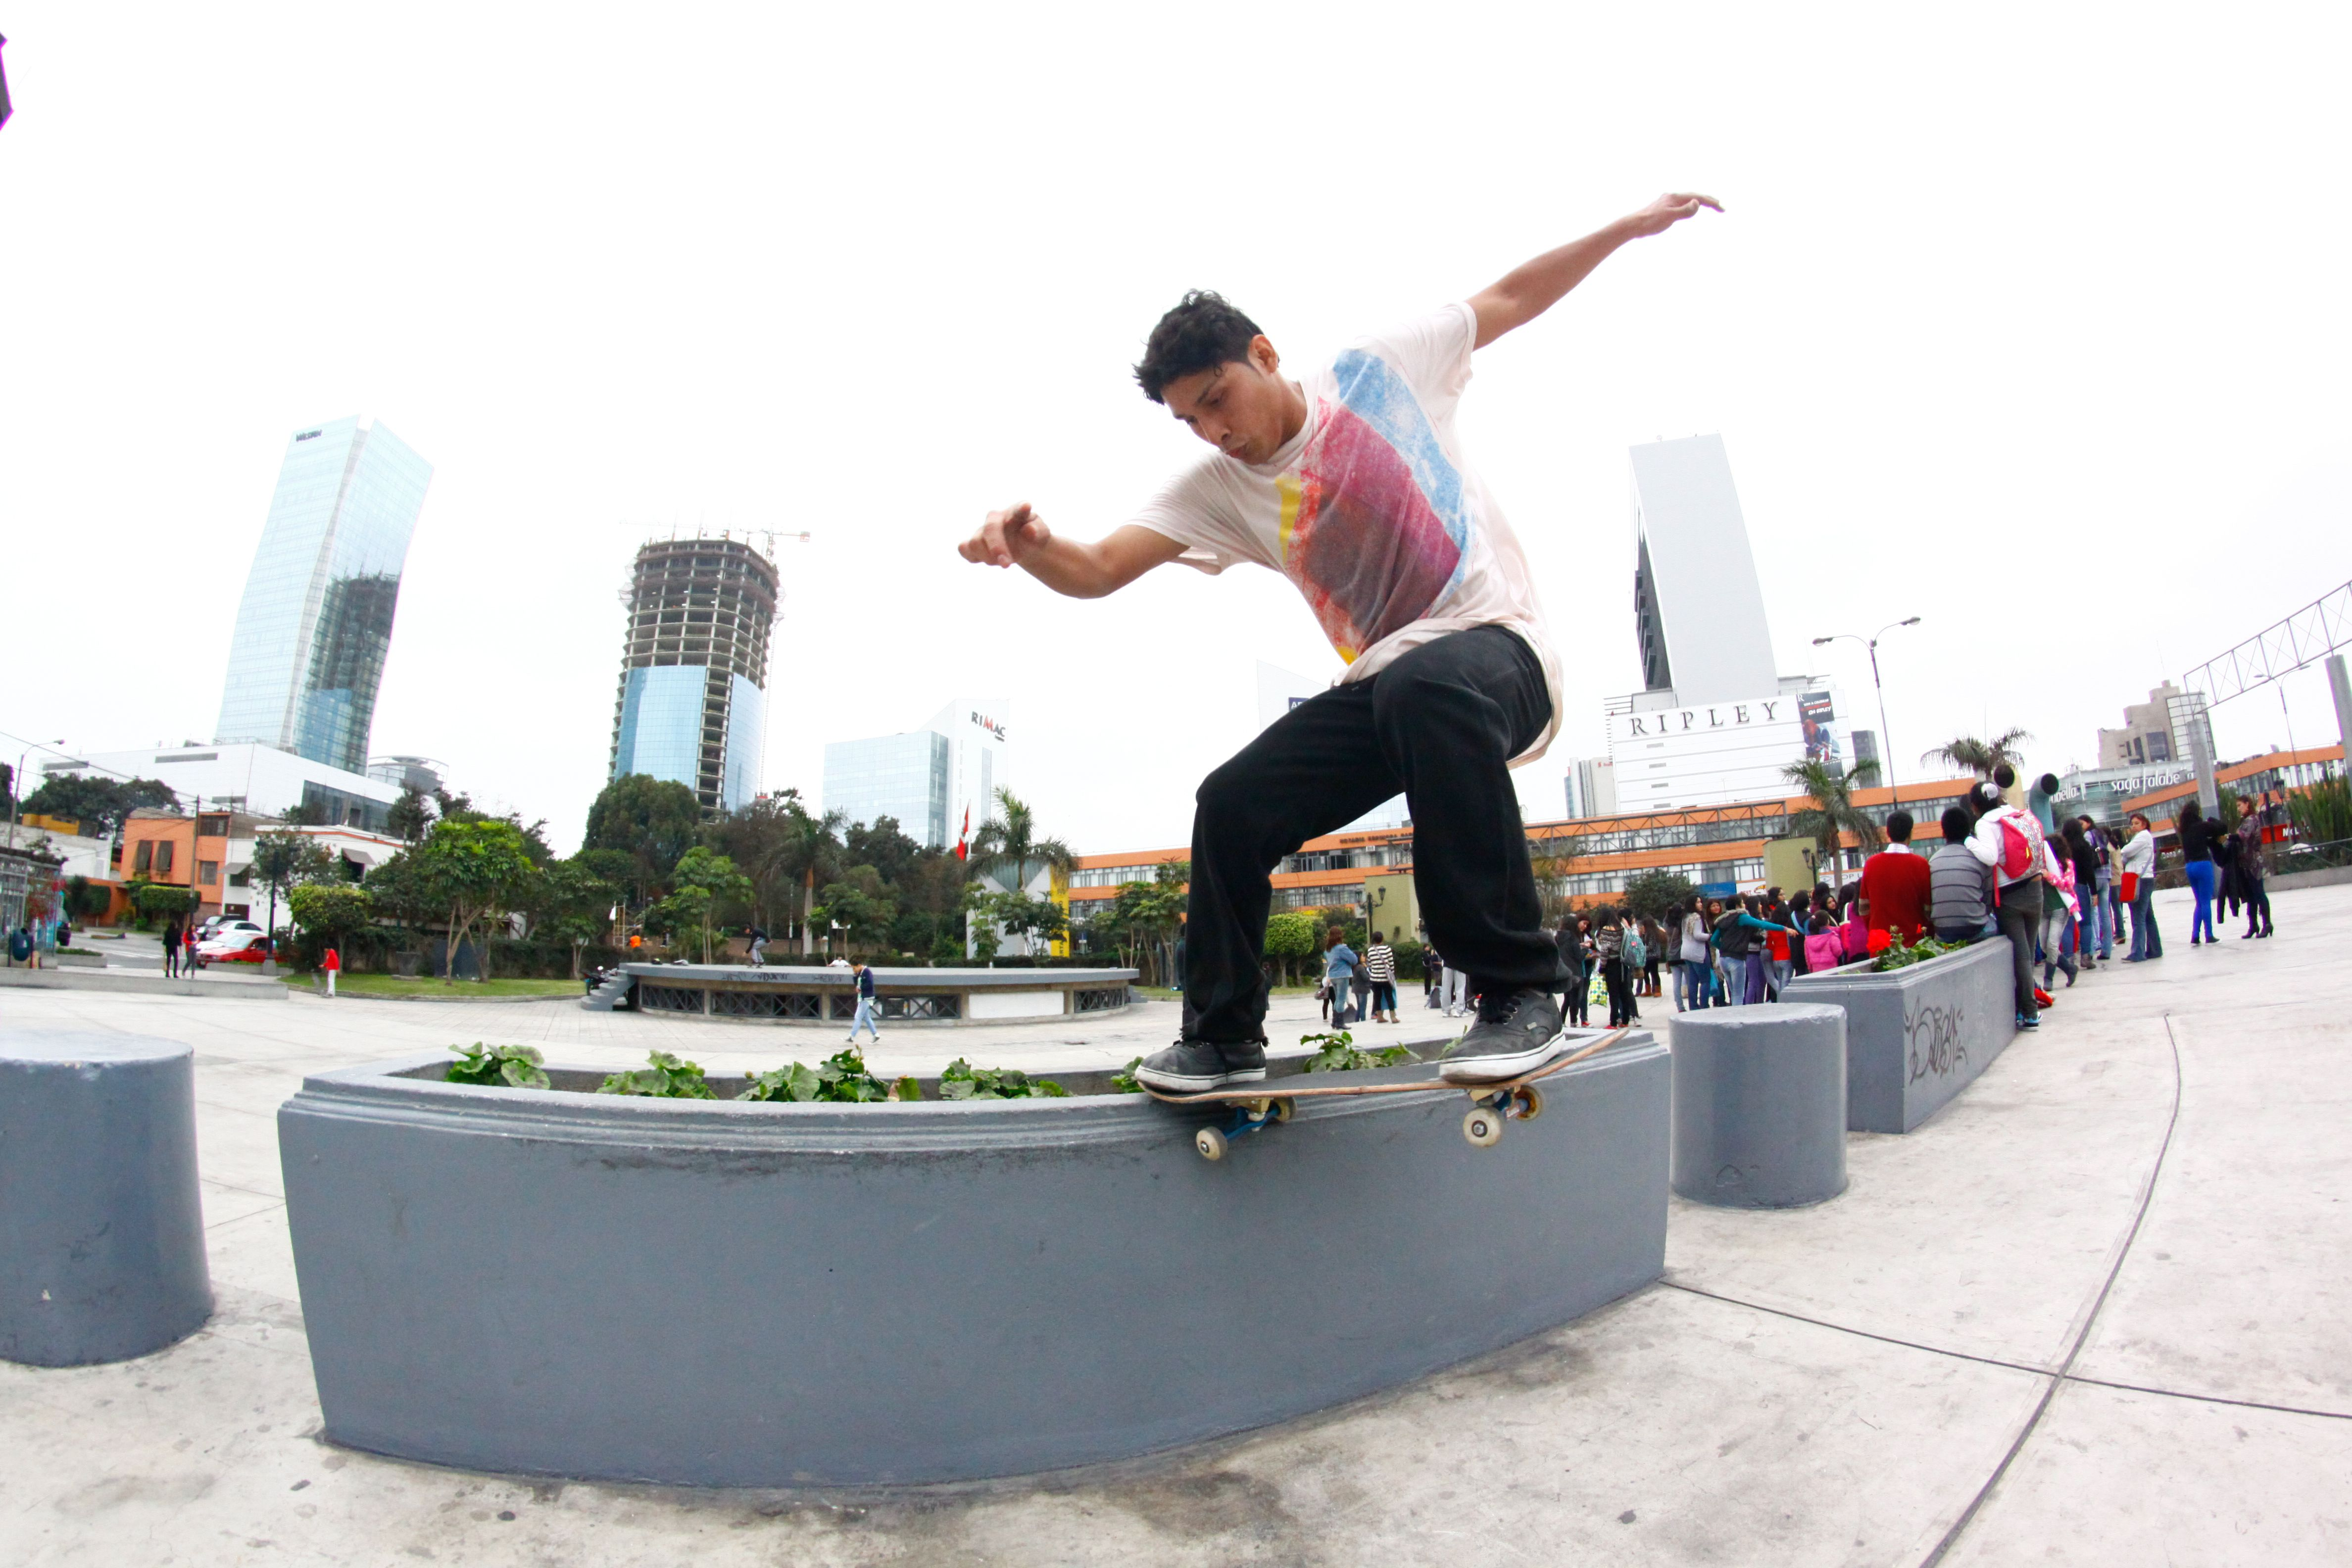 e746fb4c81e El skateboarding es un deporte que consiste en deslizarse sobre una tabla  con ruedas (skate) y a su vez poder realizar diversidad de trucos.